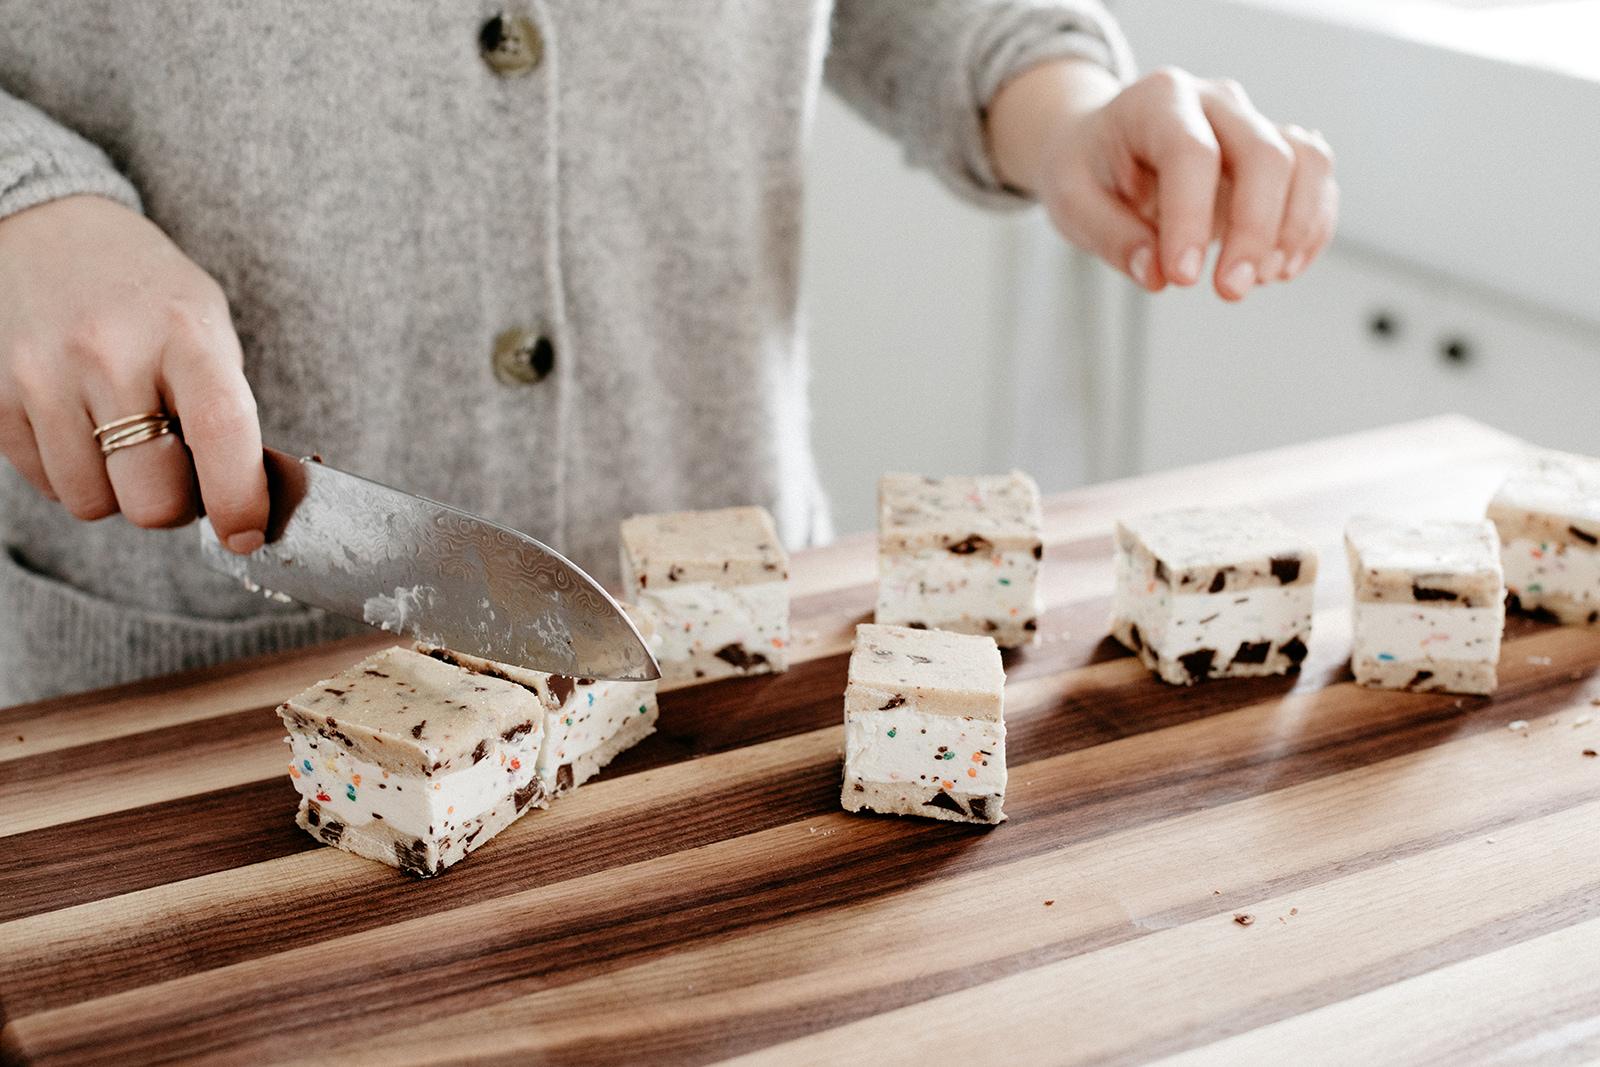 molly-yeh-yogurt-recipes-31.jpg